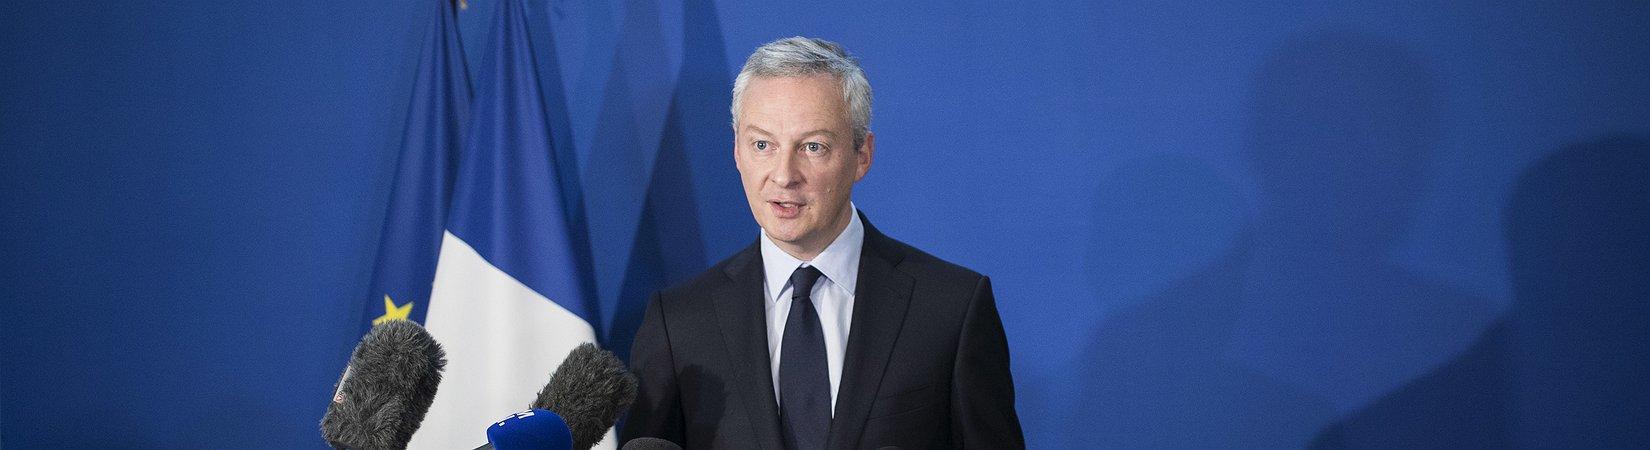 França e Alemanha irão propor regulamentação conjunta da Bitcoin no G20